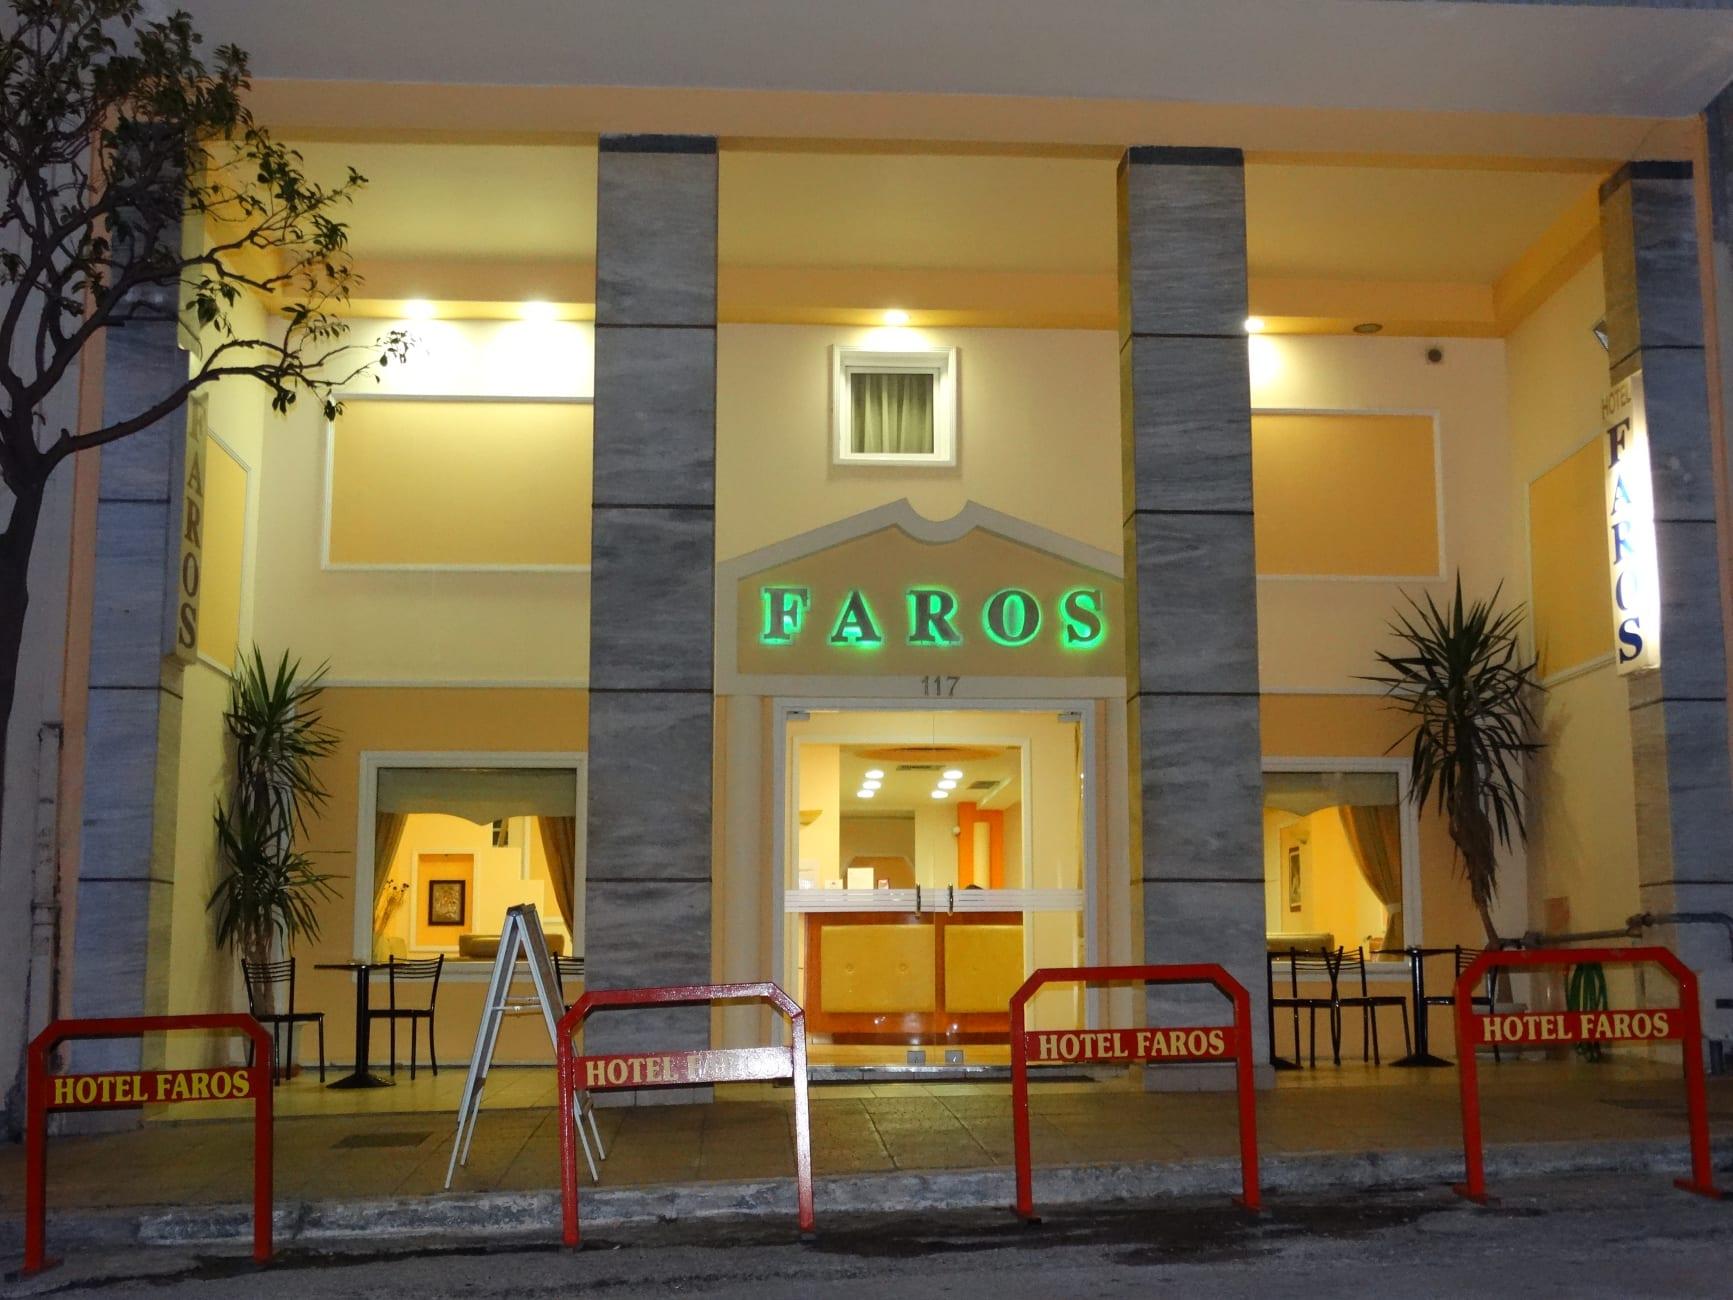 Hotel Hotel Faros II, Pireus - trivago.pl